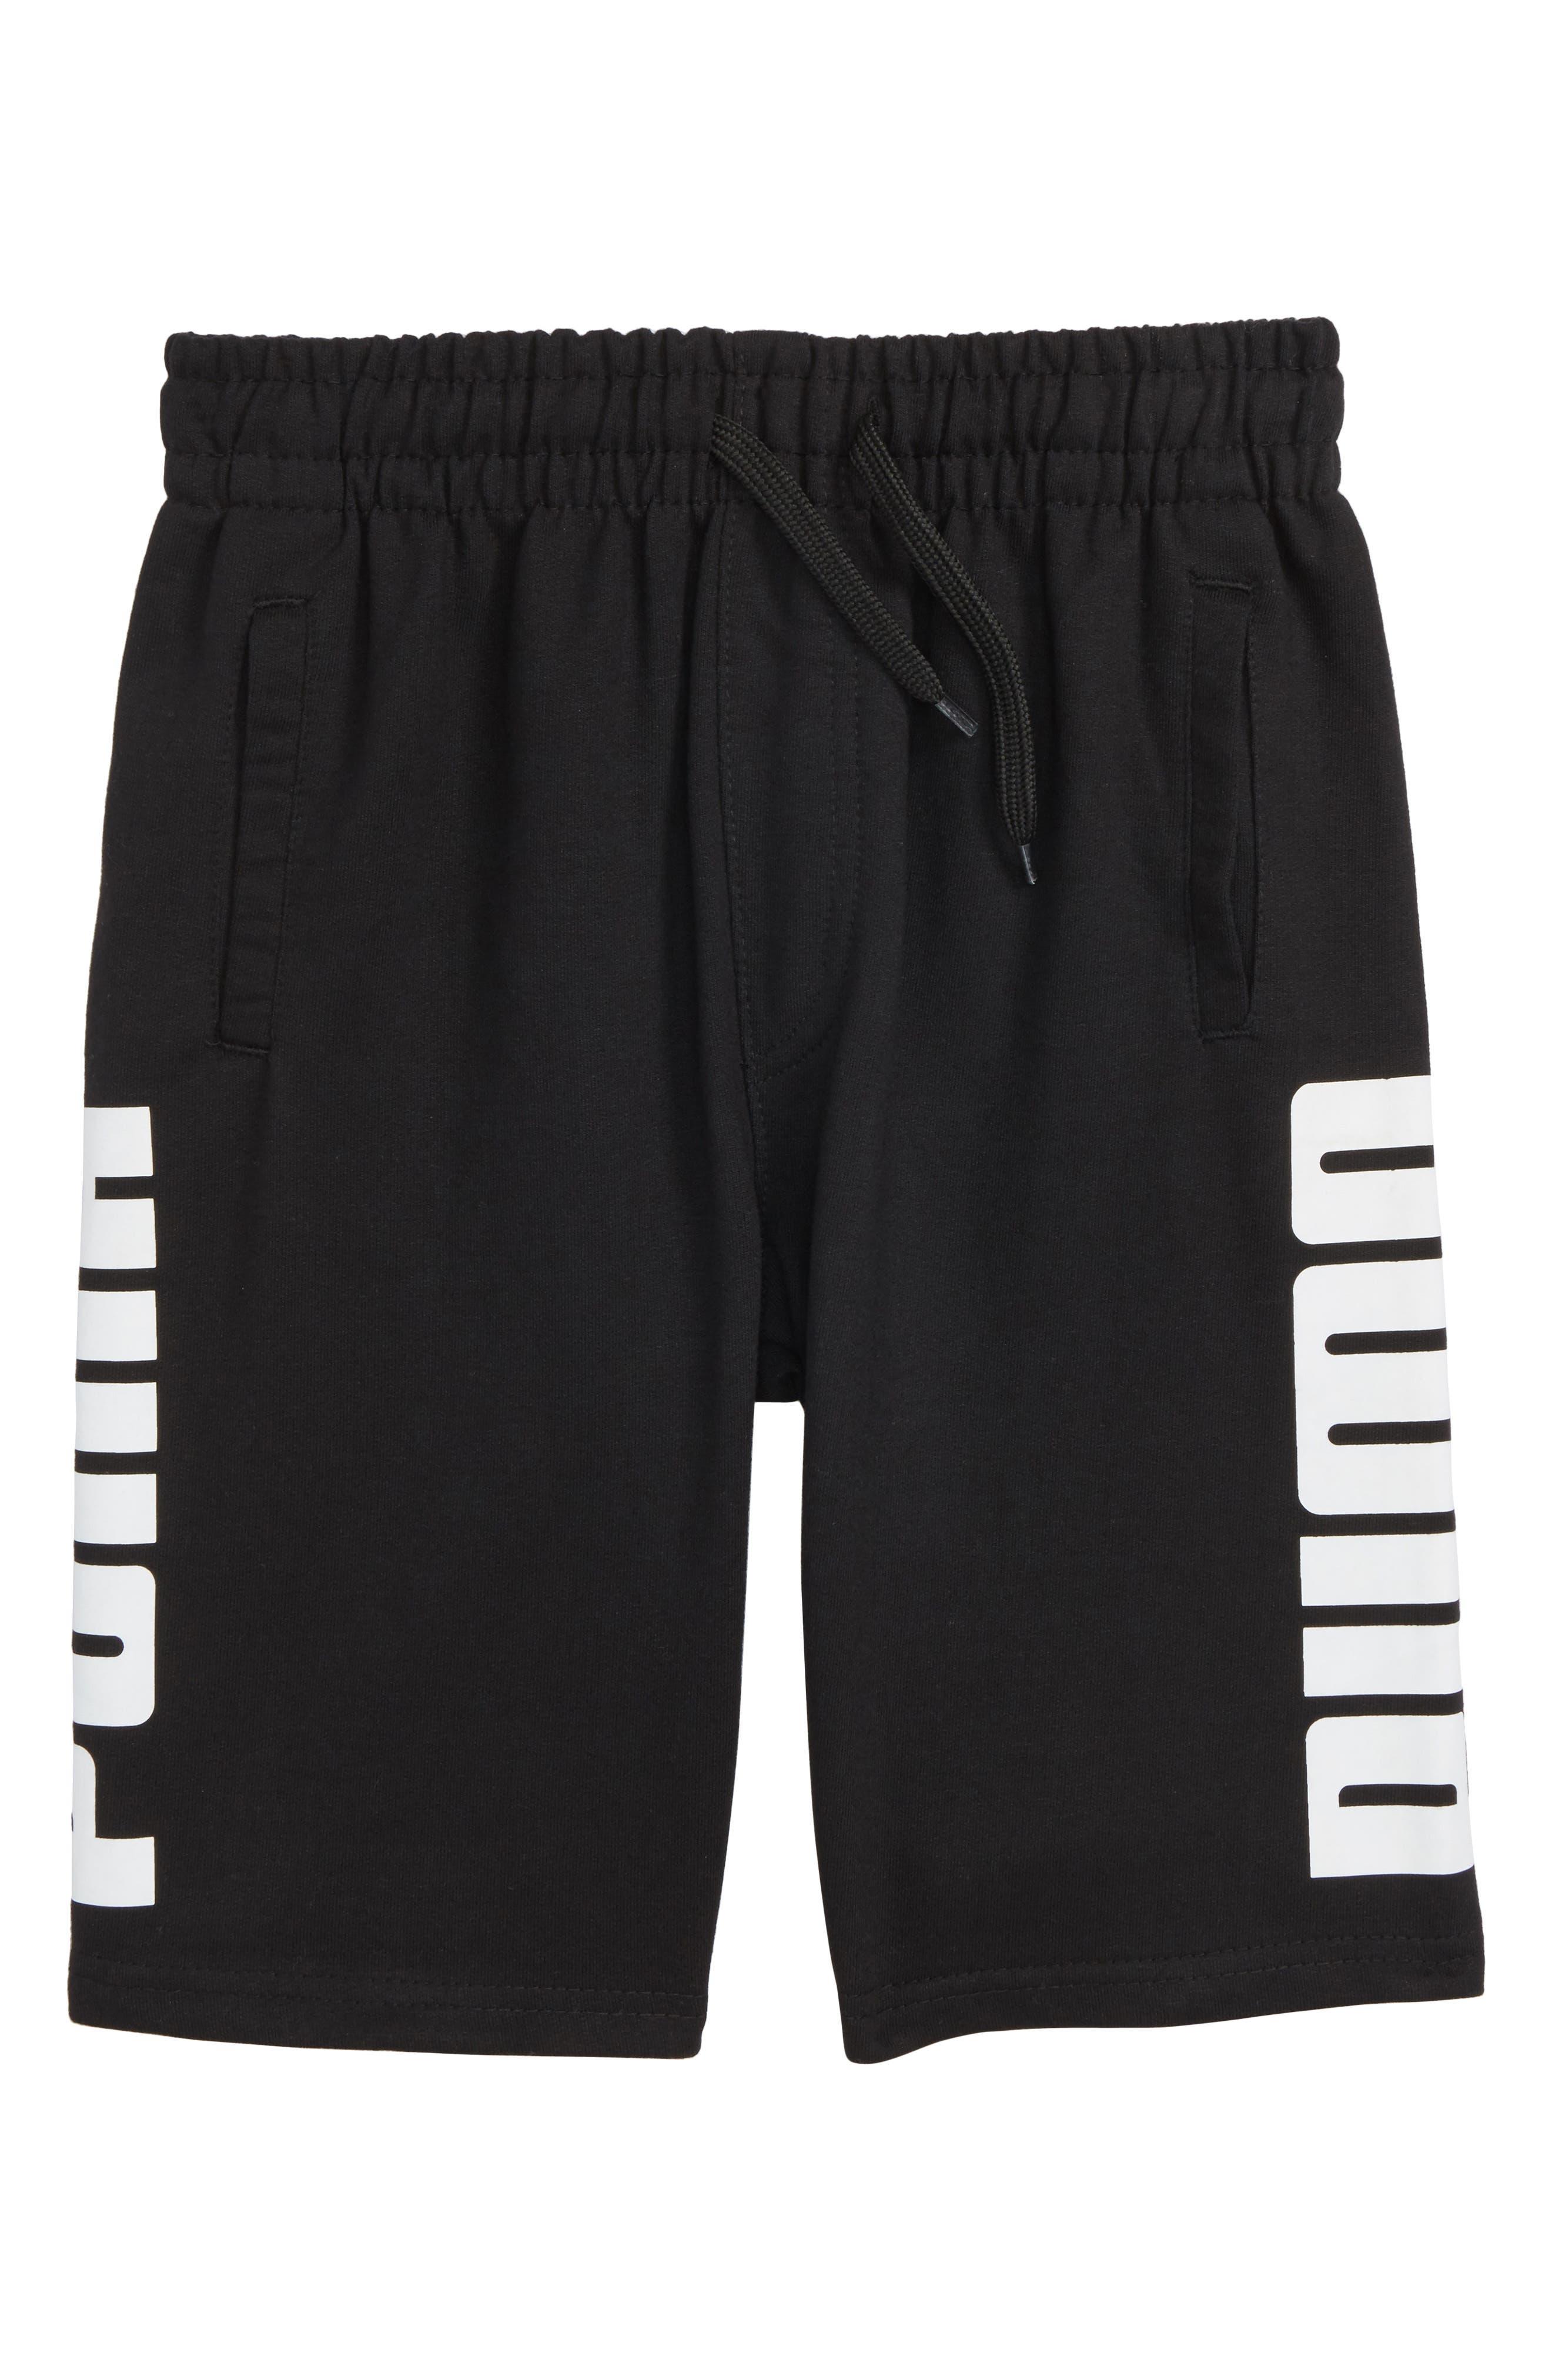 Rebel Knit Shorts,                             Main thumbnail 1, color,                             001